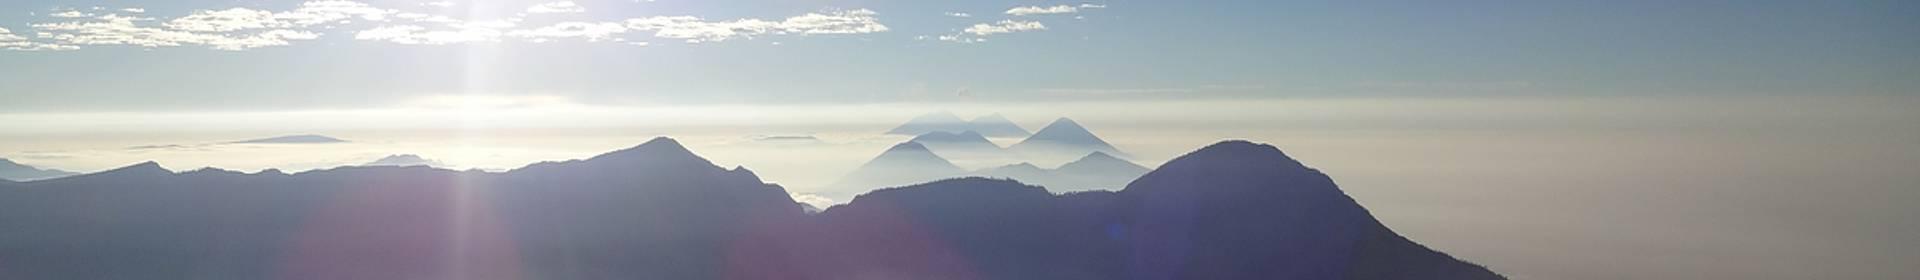 Volcán Santa María